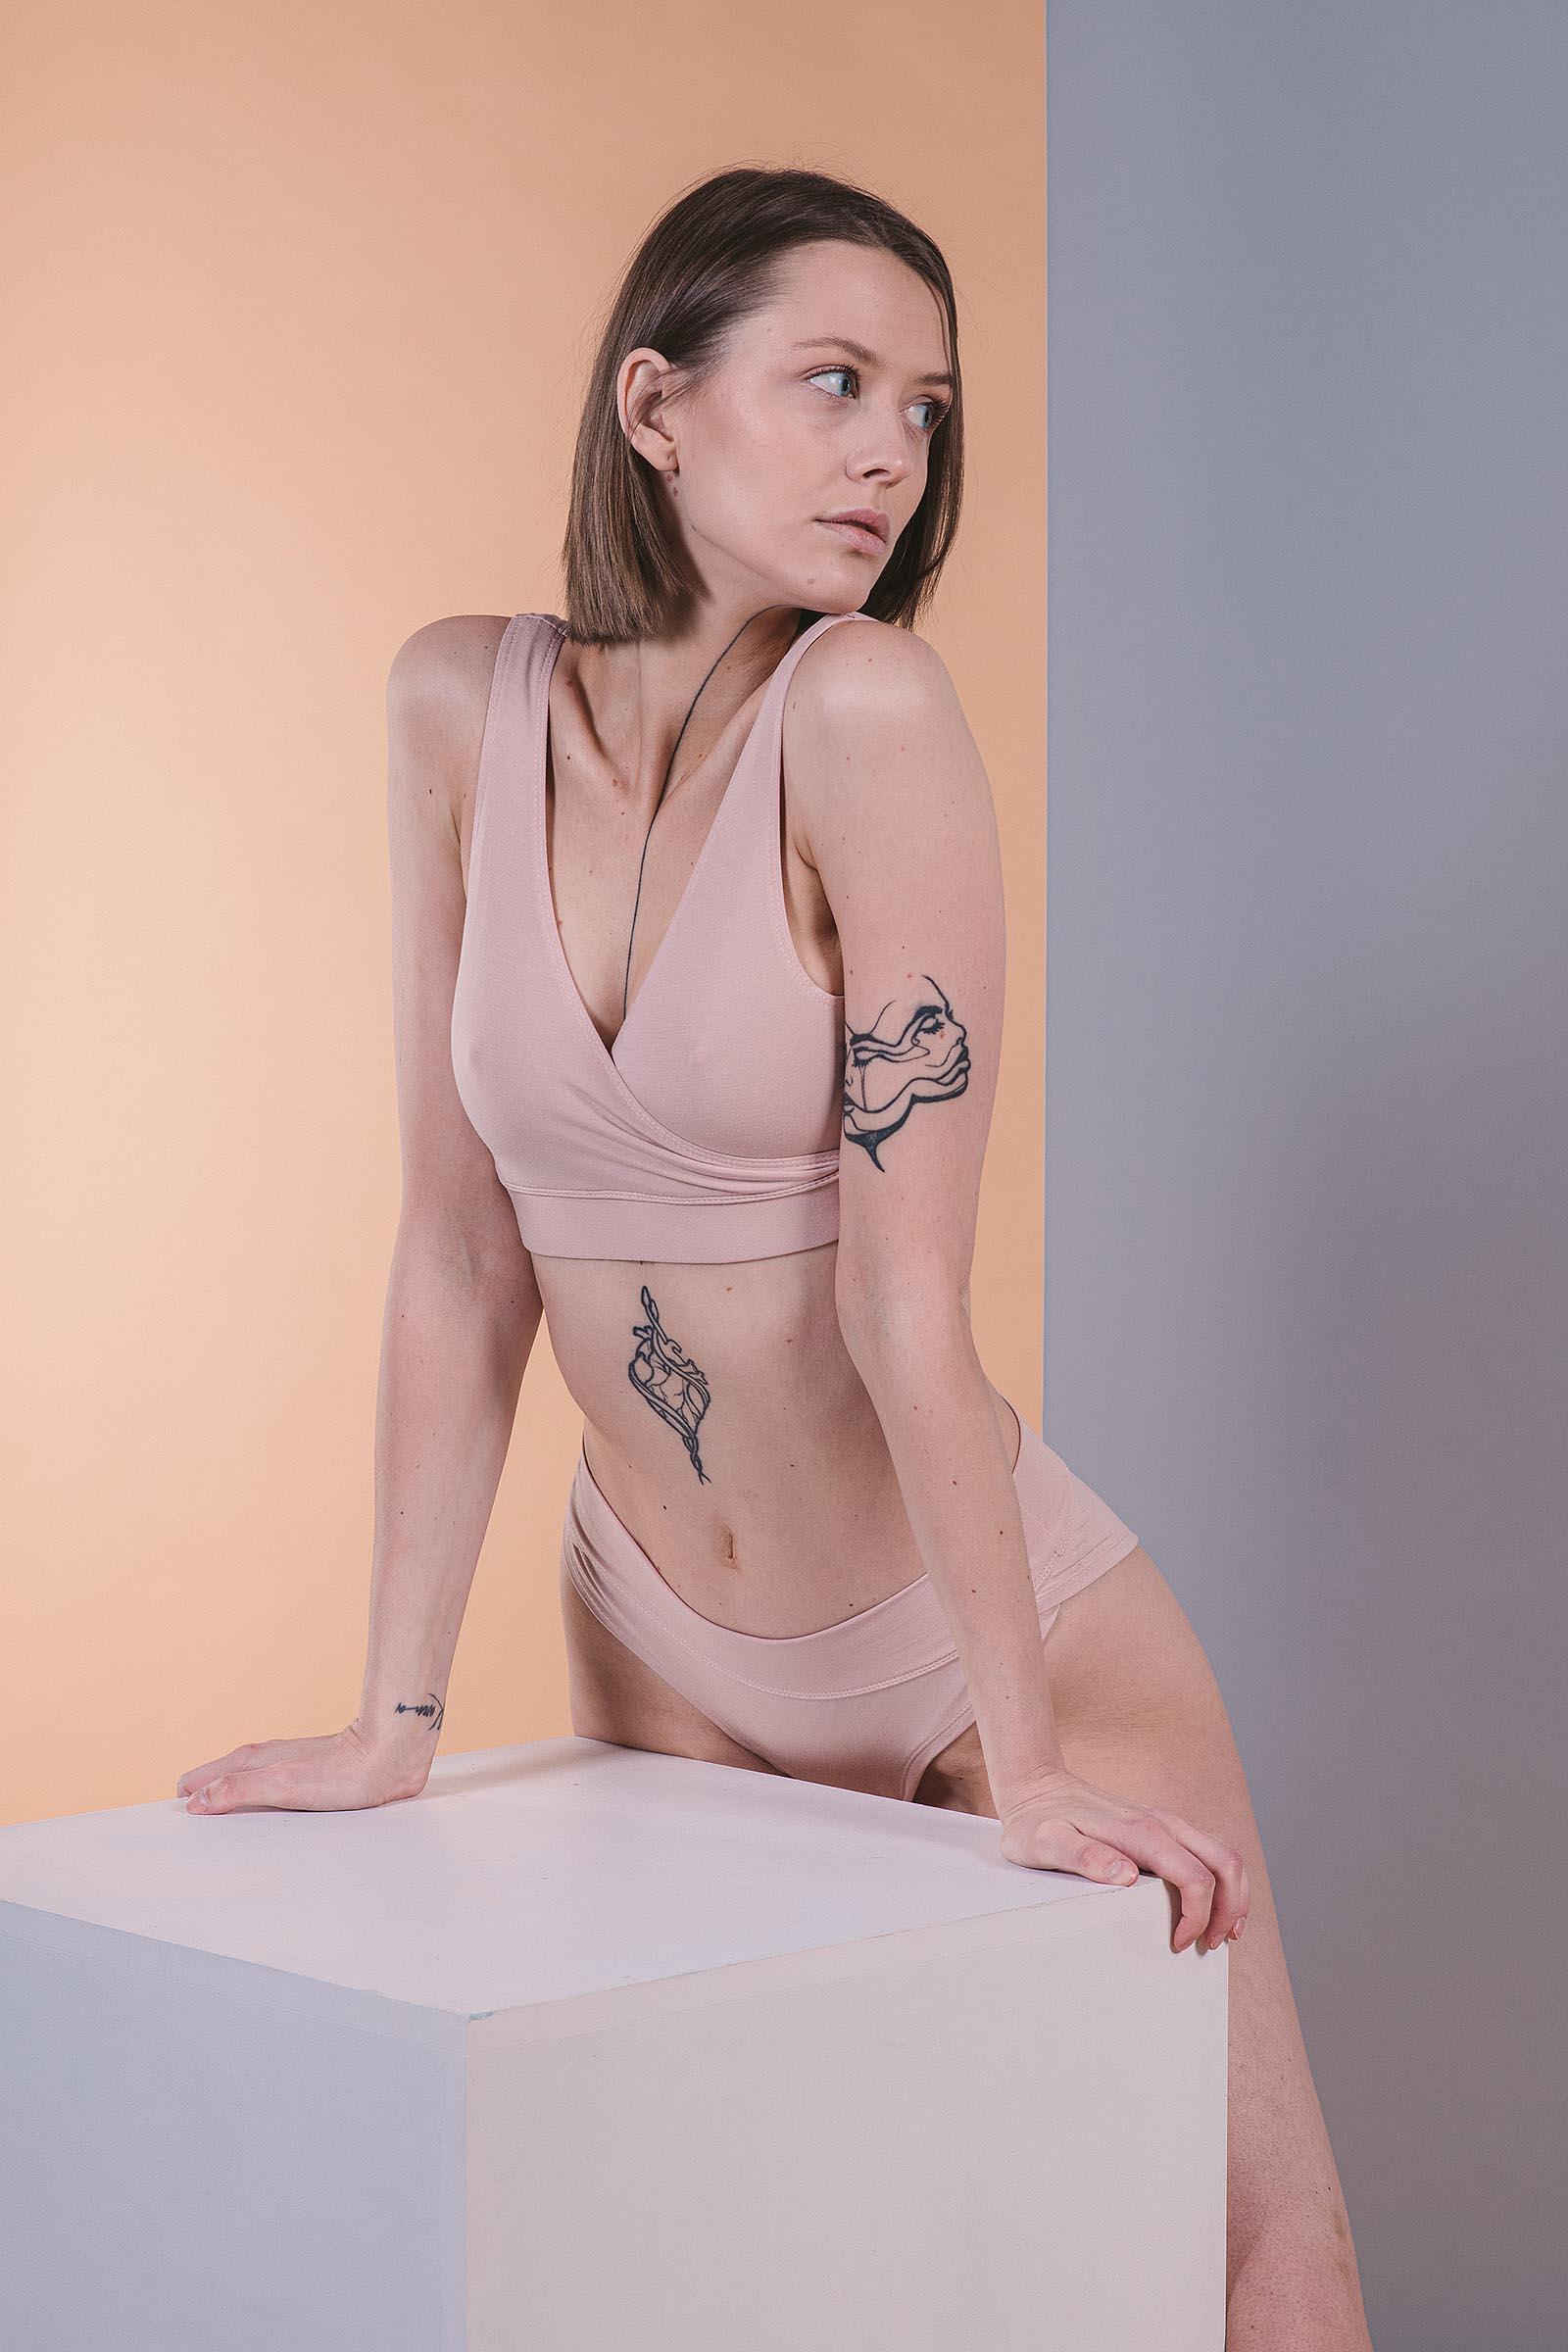 Spodní prádlo Kiara nude pink